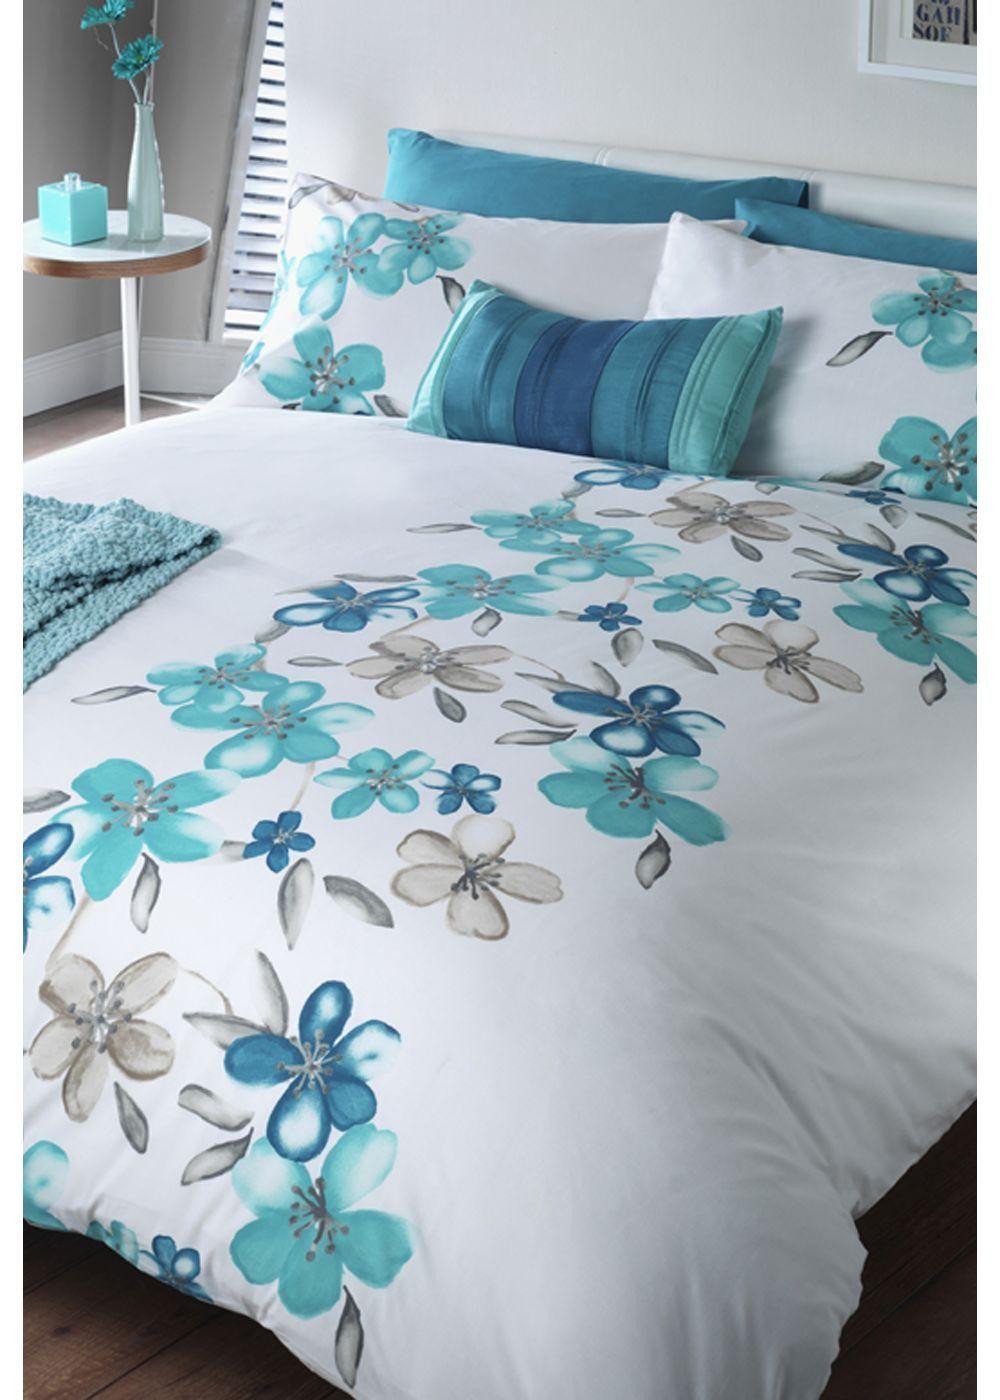 Inspire Me Bedding sets, Duvet sets, Bed